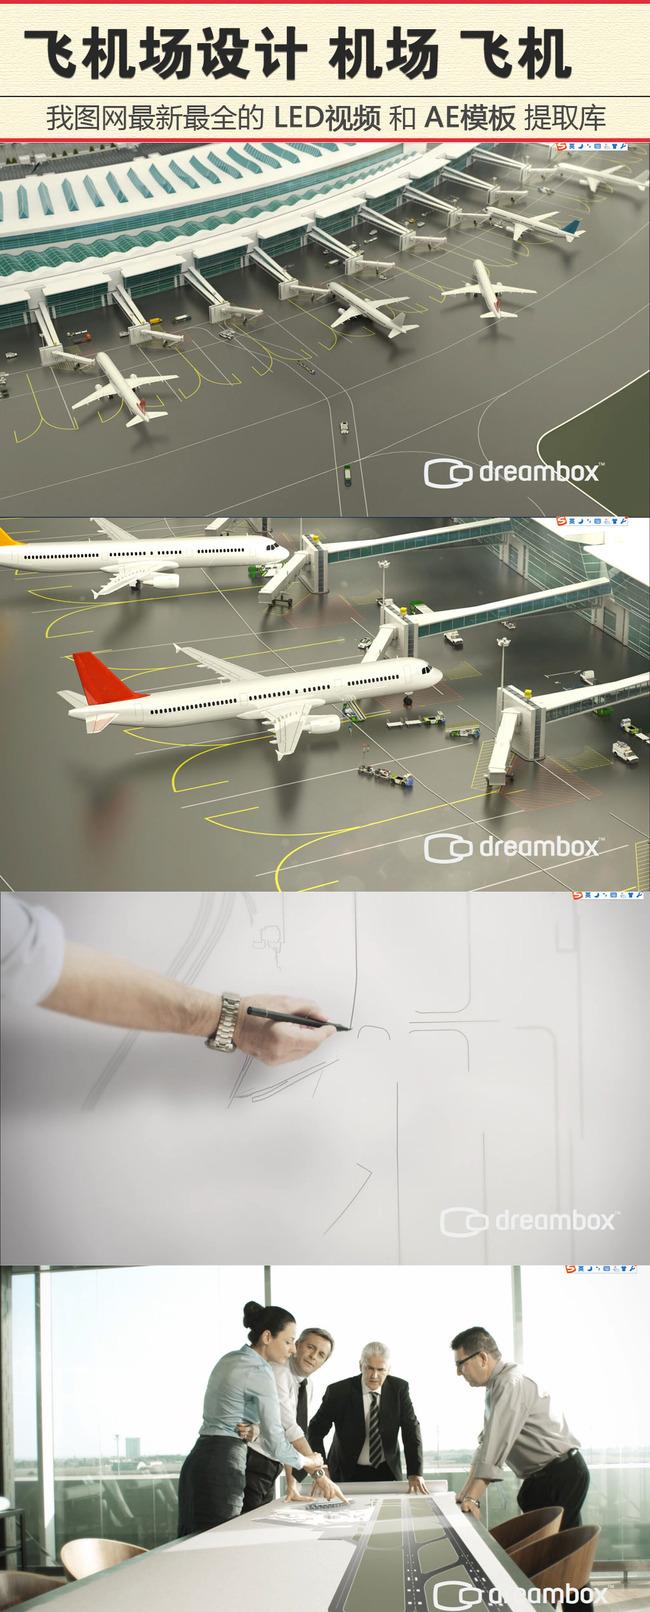 飞机场设计机场飞机实拍视频素材